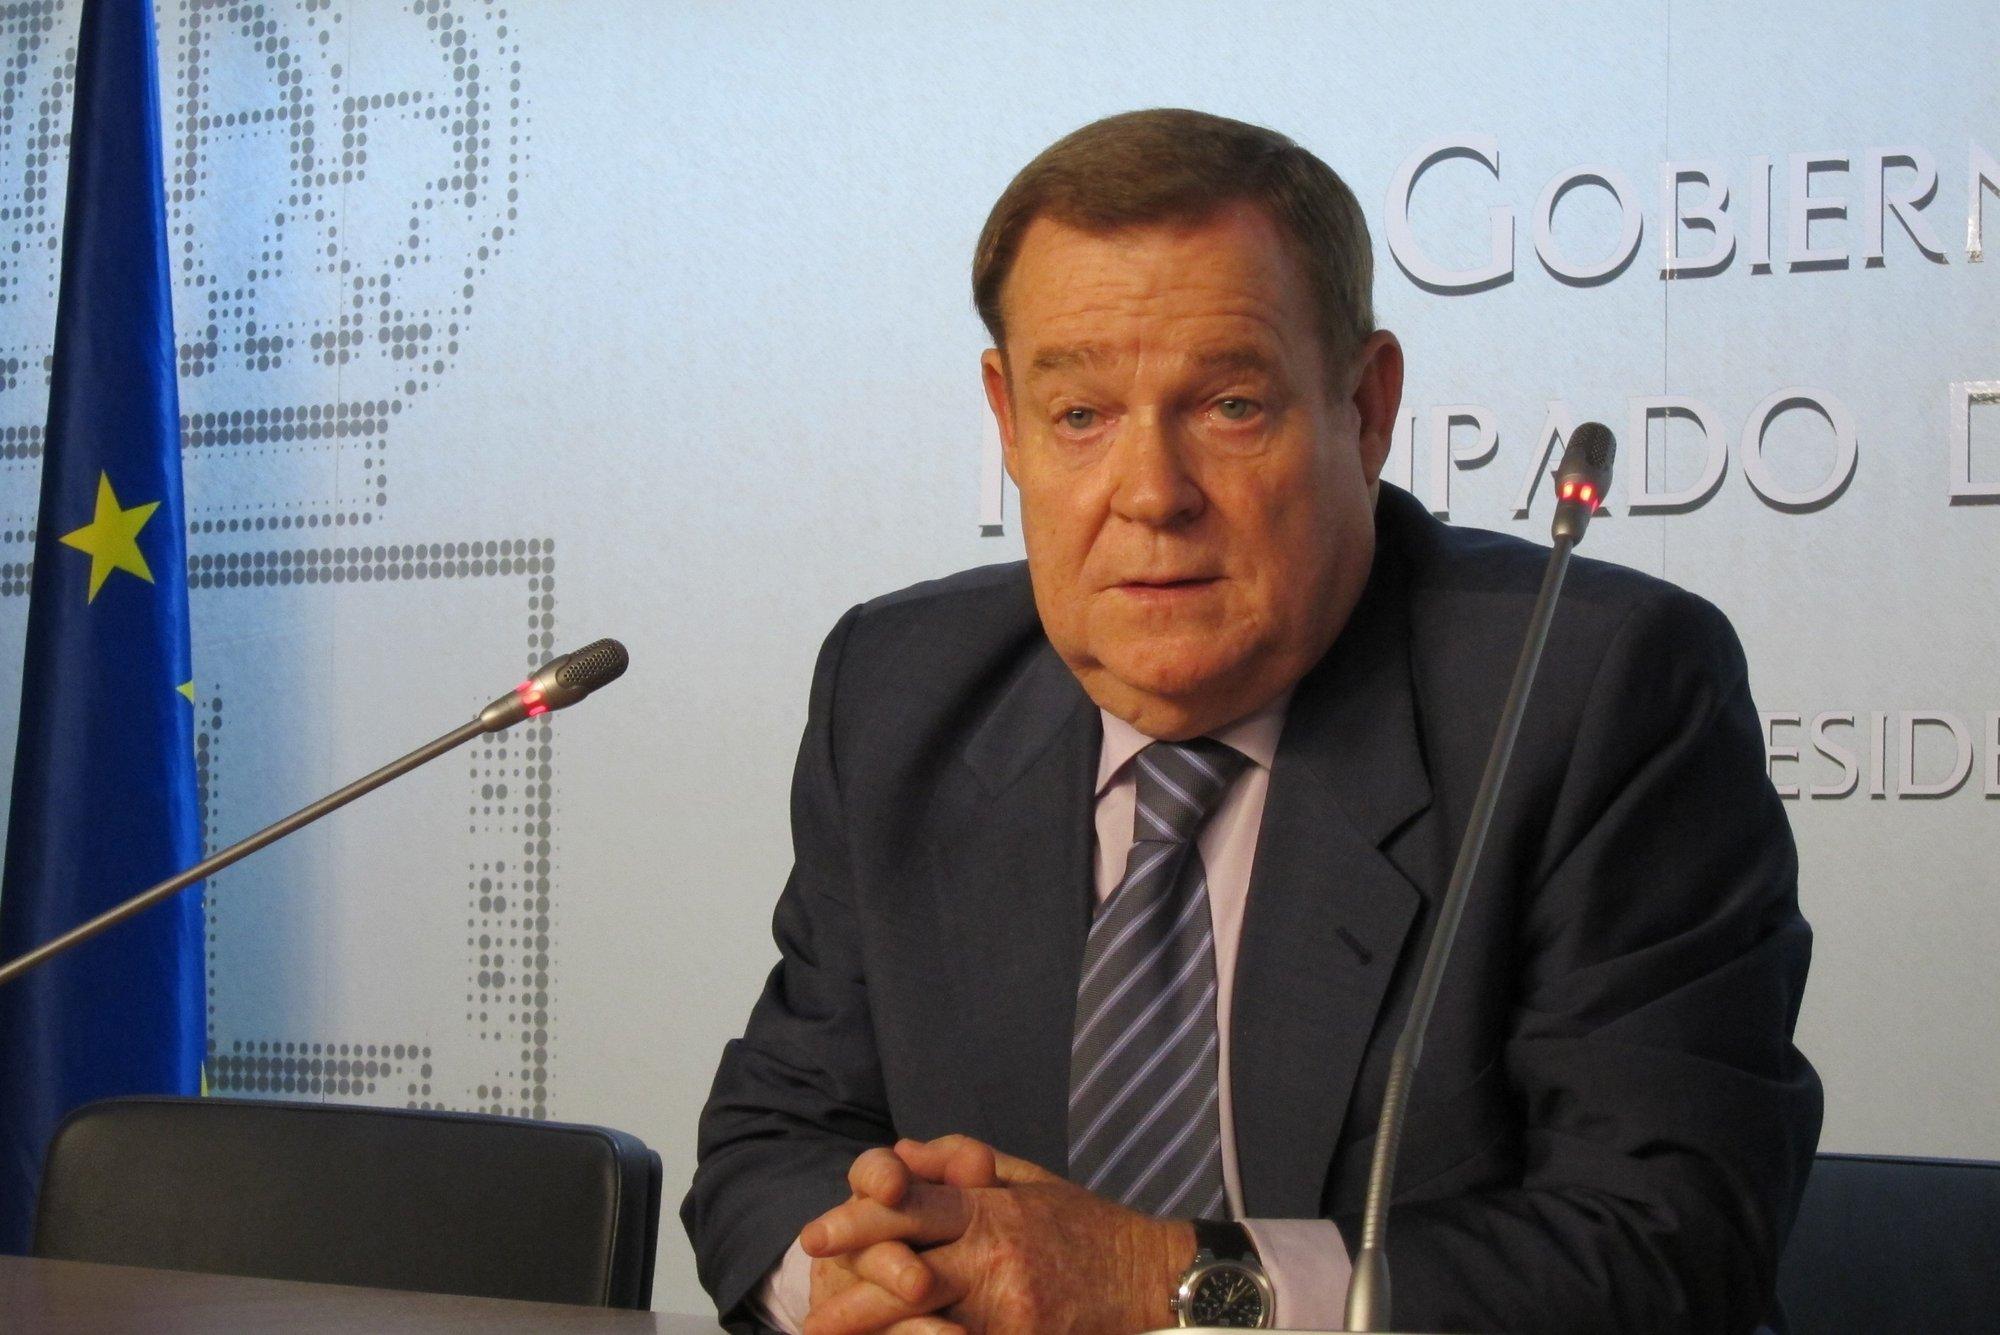 Vigón pide al nuevo Gobierno «diálogo y firmeza» con el Ejecutivo central